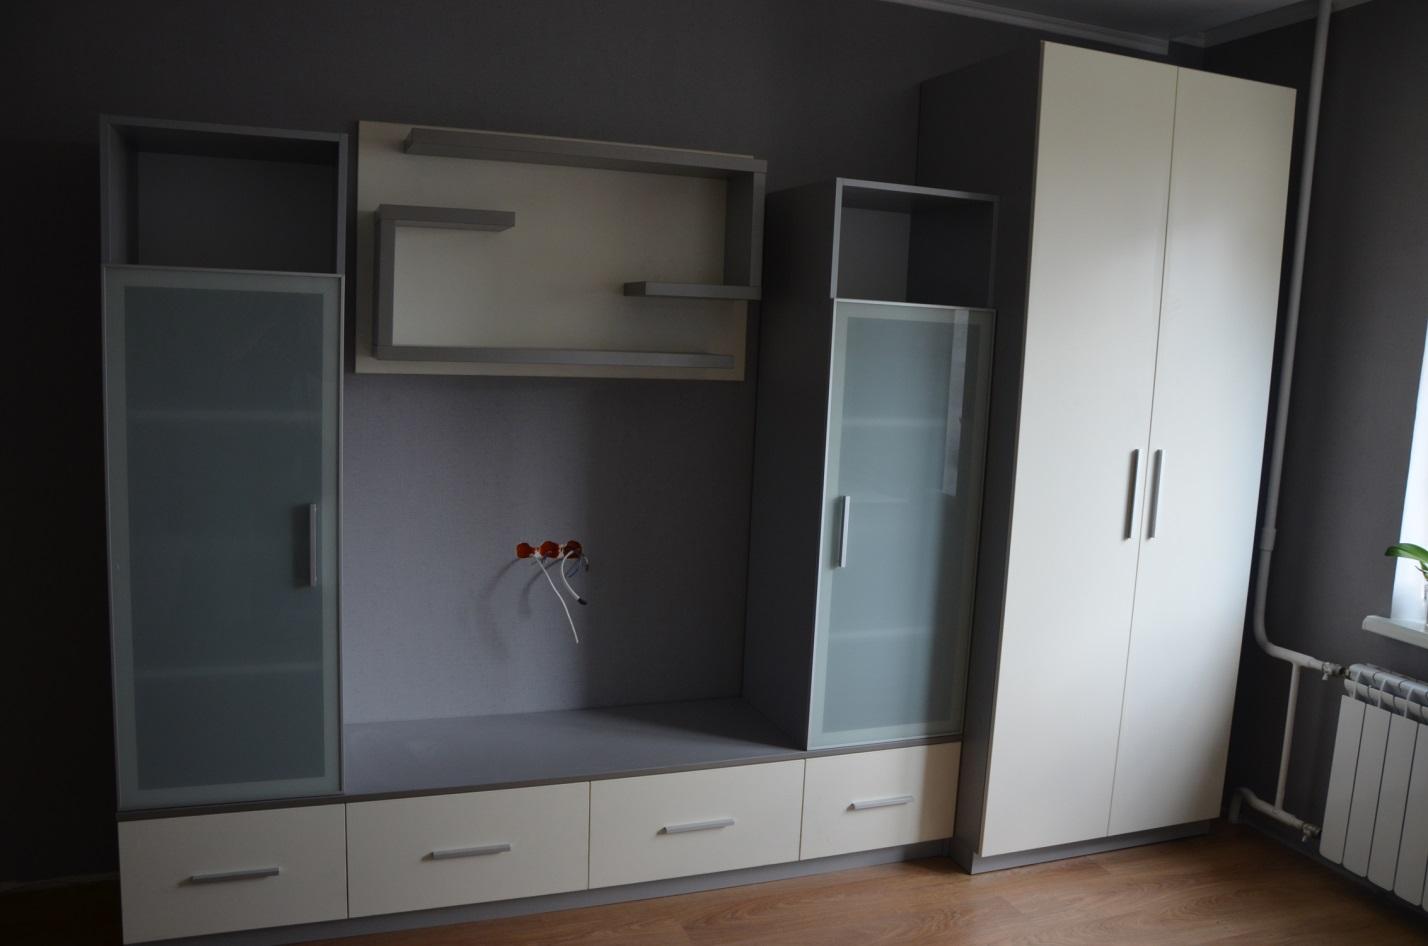 18. Лаконичная модульная мебель в серо-бежевых тонах.